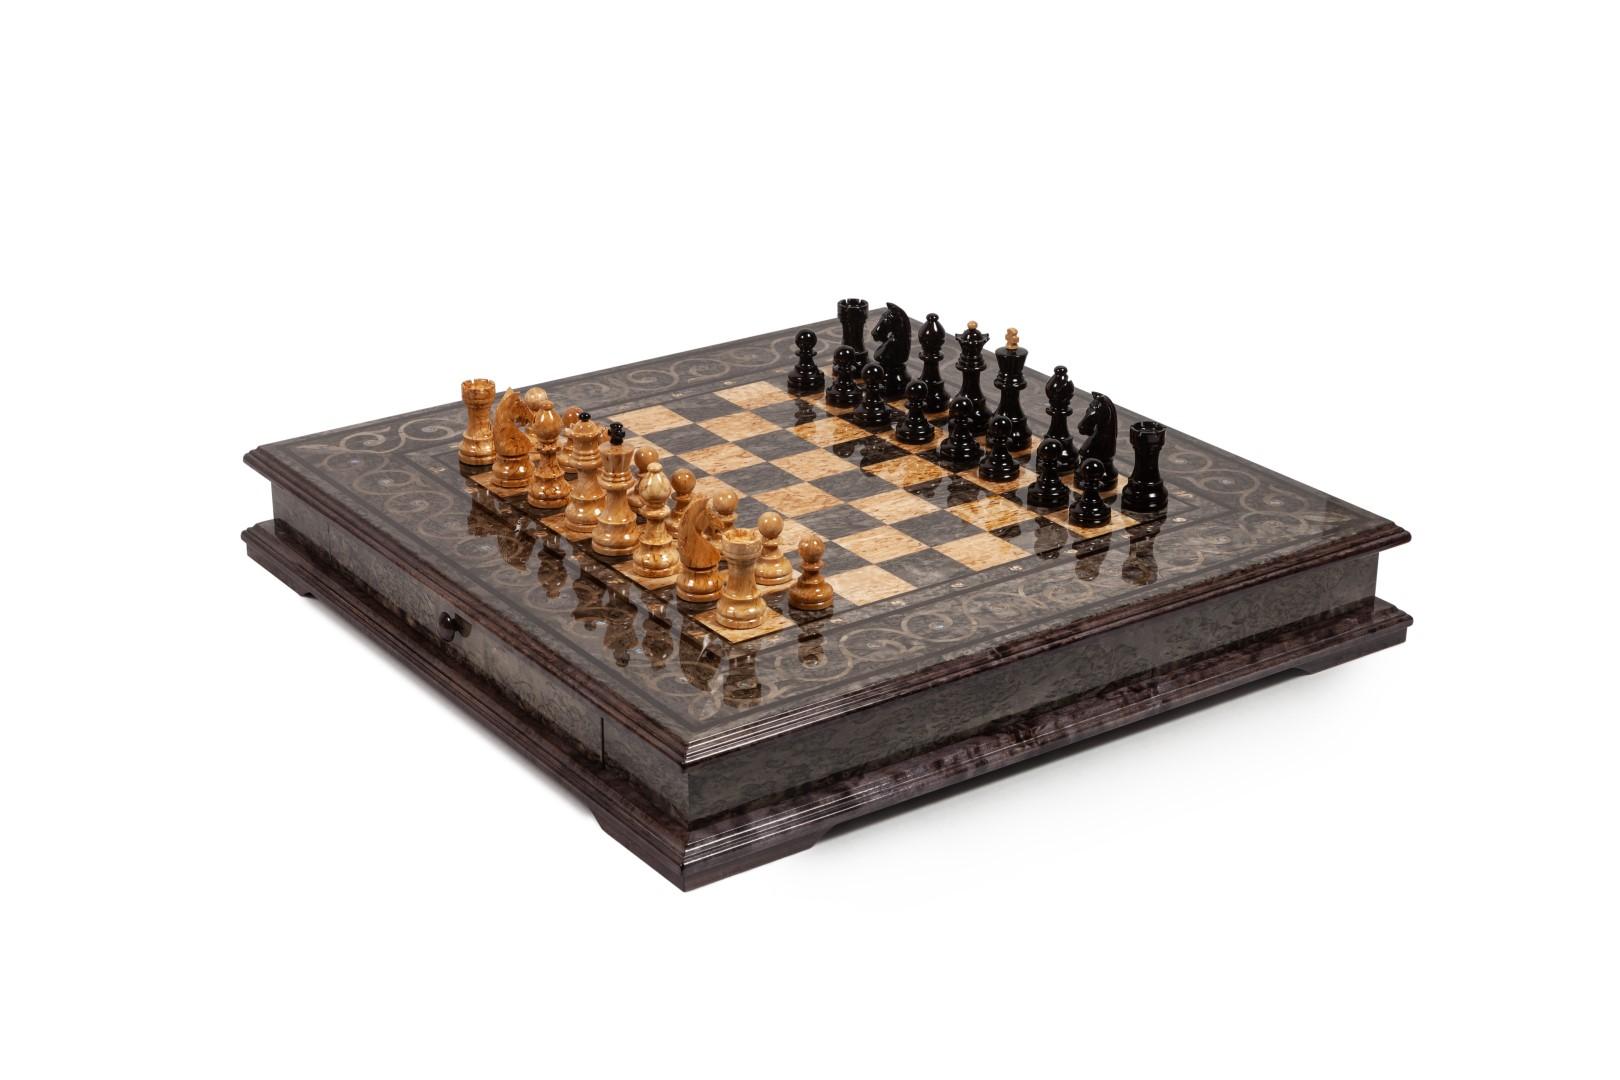 Коллекционные шахматы из карельской березы для изысканных ценителей шахматных баталий.